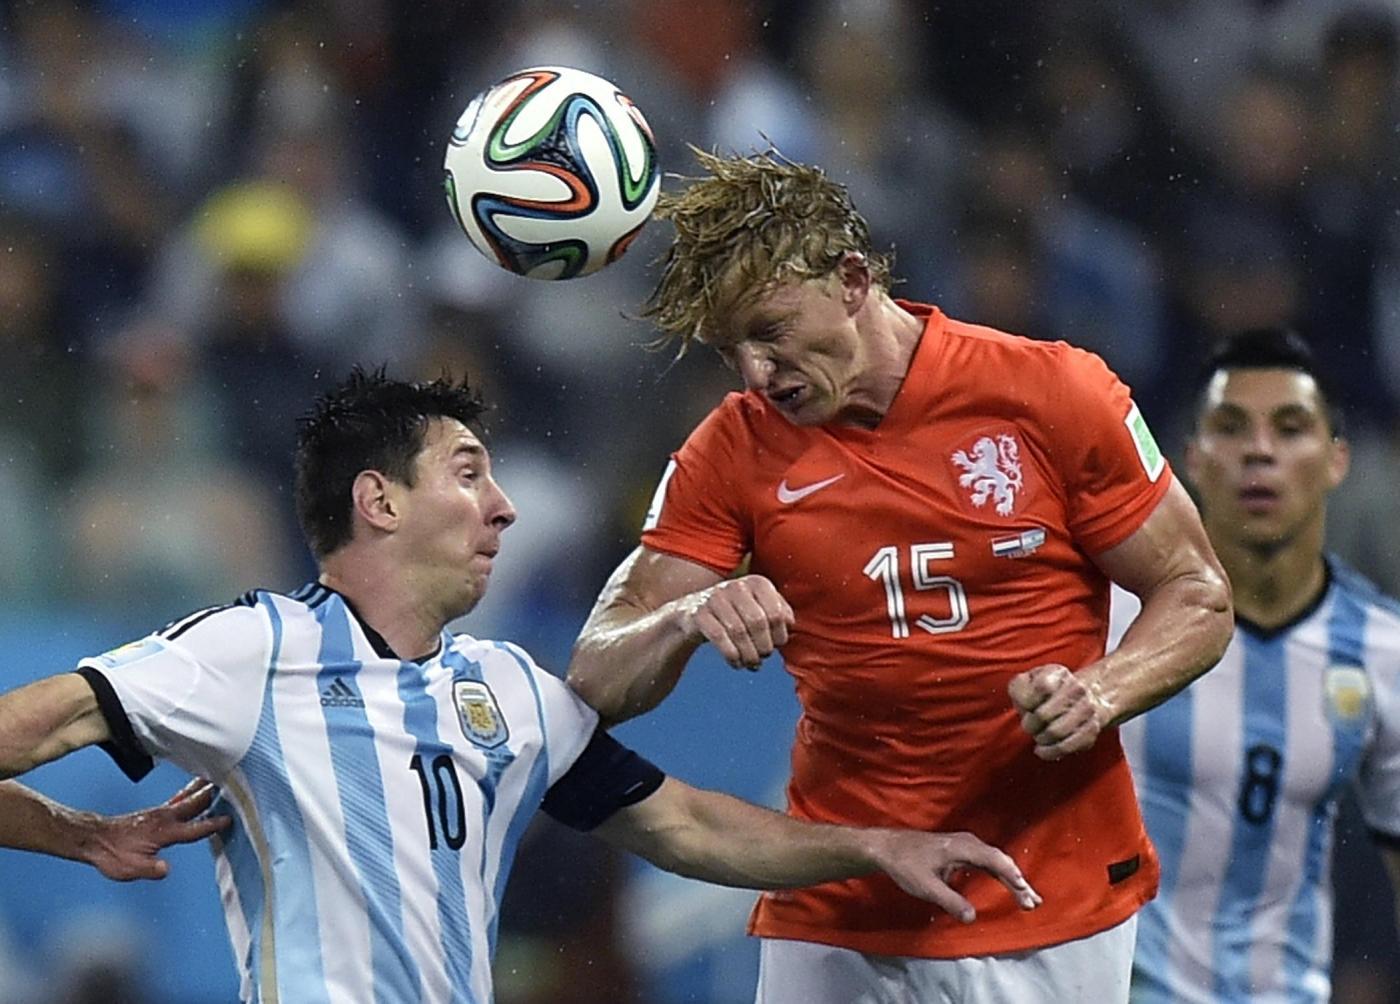 Mondiali 2014, Argentina vs Olanda 4-2 ai rigori dopo una gara soporifera